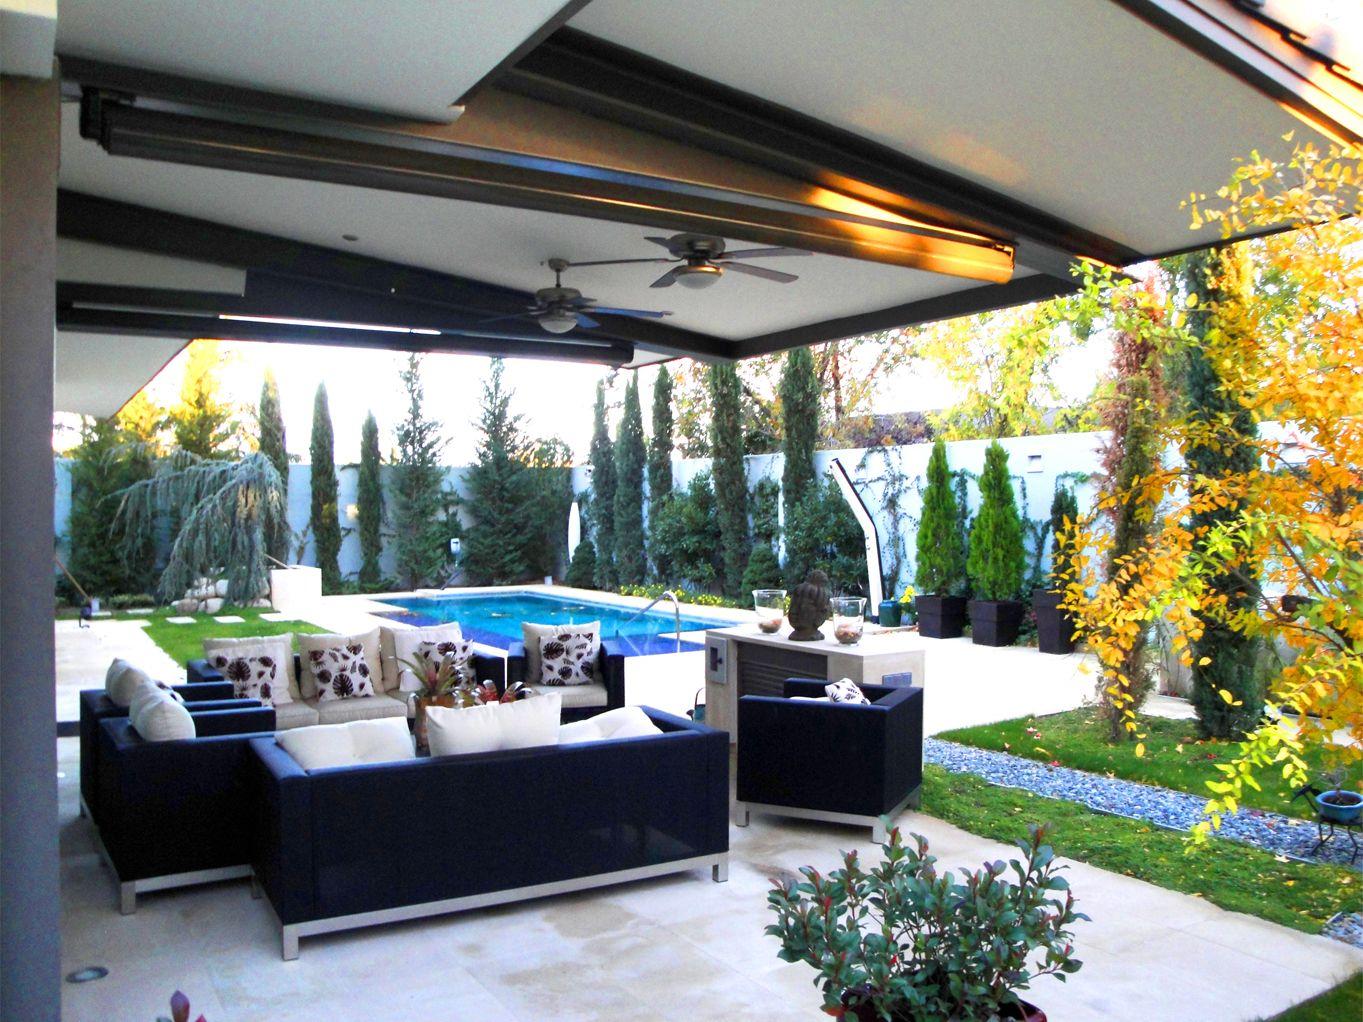 Paisajismo Moderno Patio Piscina Exterior Sofas Loft Plantas Arboles Muebles De